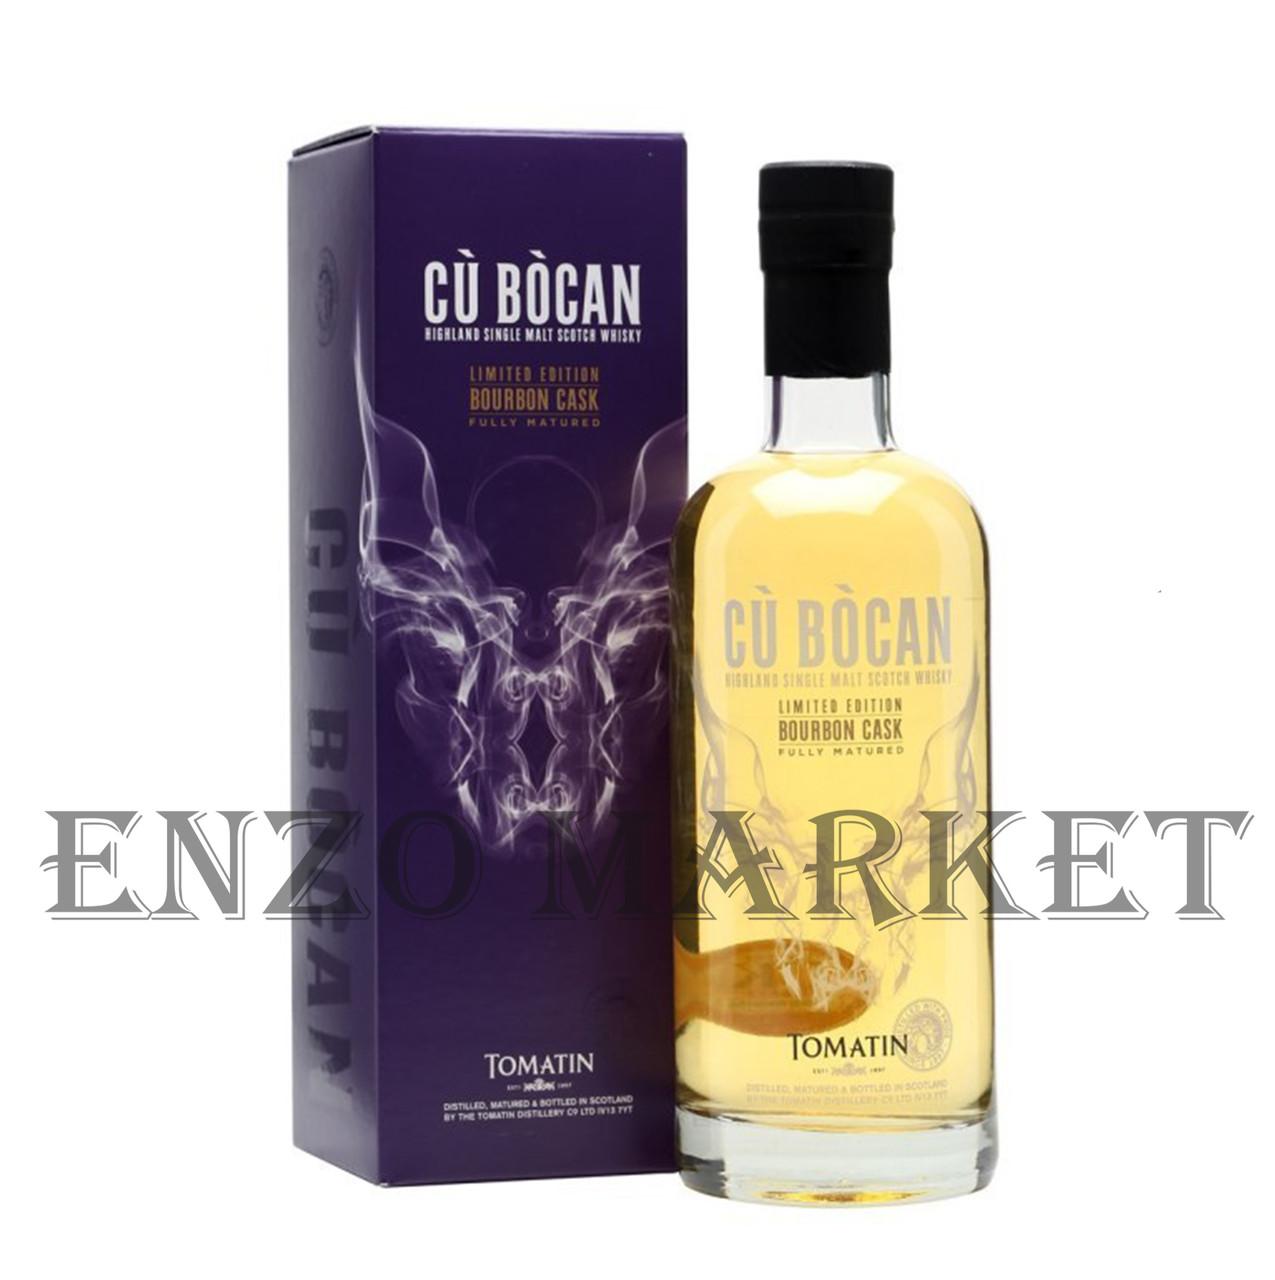 Виски Tomatin Cu Bocan Bourbon Cask (Томатин Ку Бокан Бурбон Каск) 46%, 0,7 литра